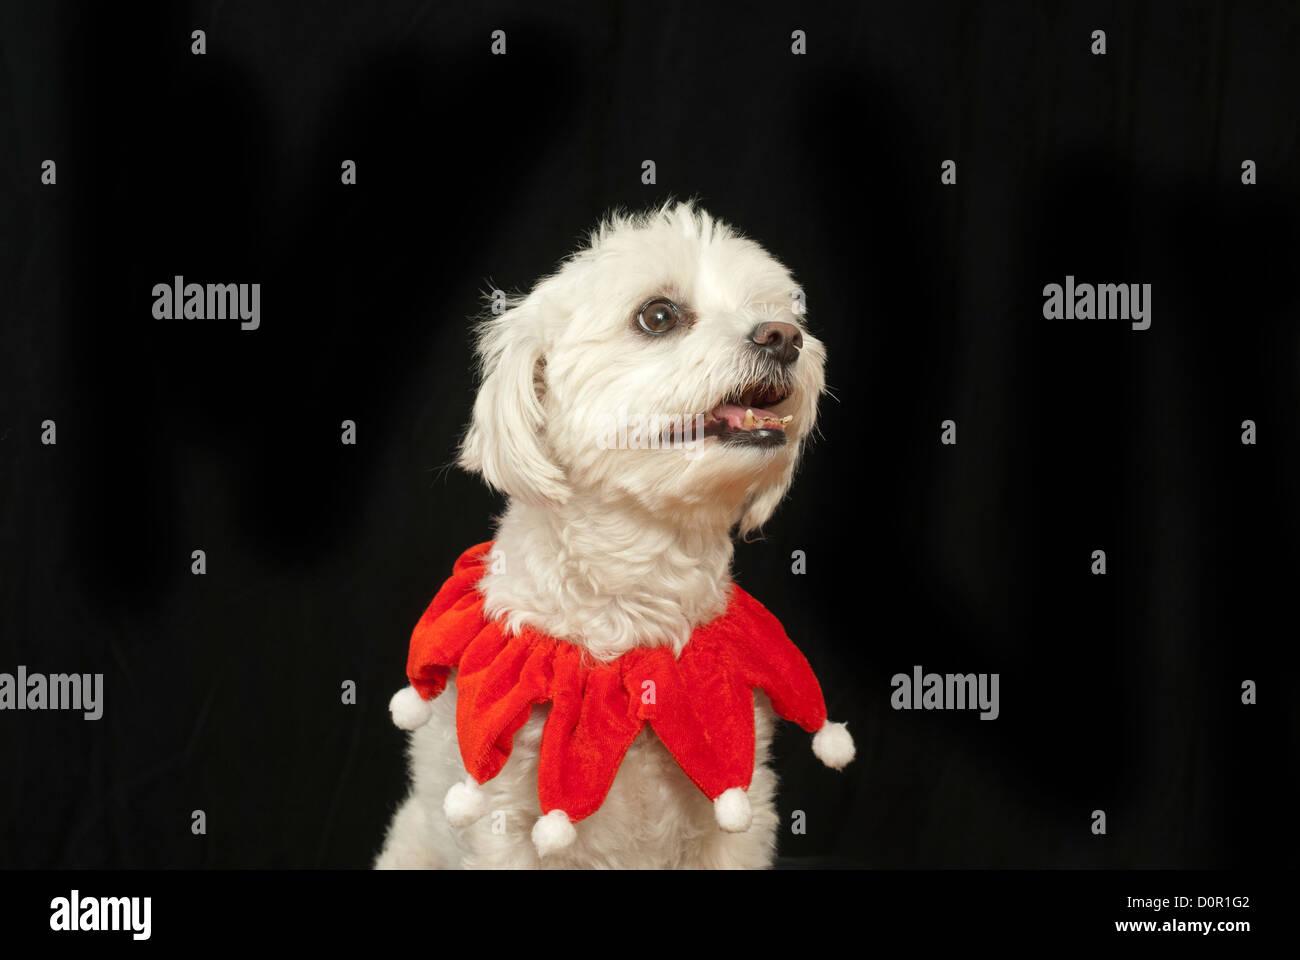 Niedlichen Hund mit Weihnachten Schal Stockfoto, Bild: 52137234 - Alamy